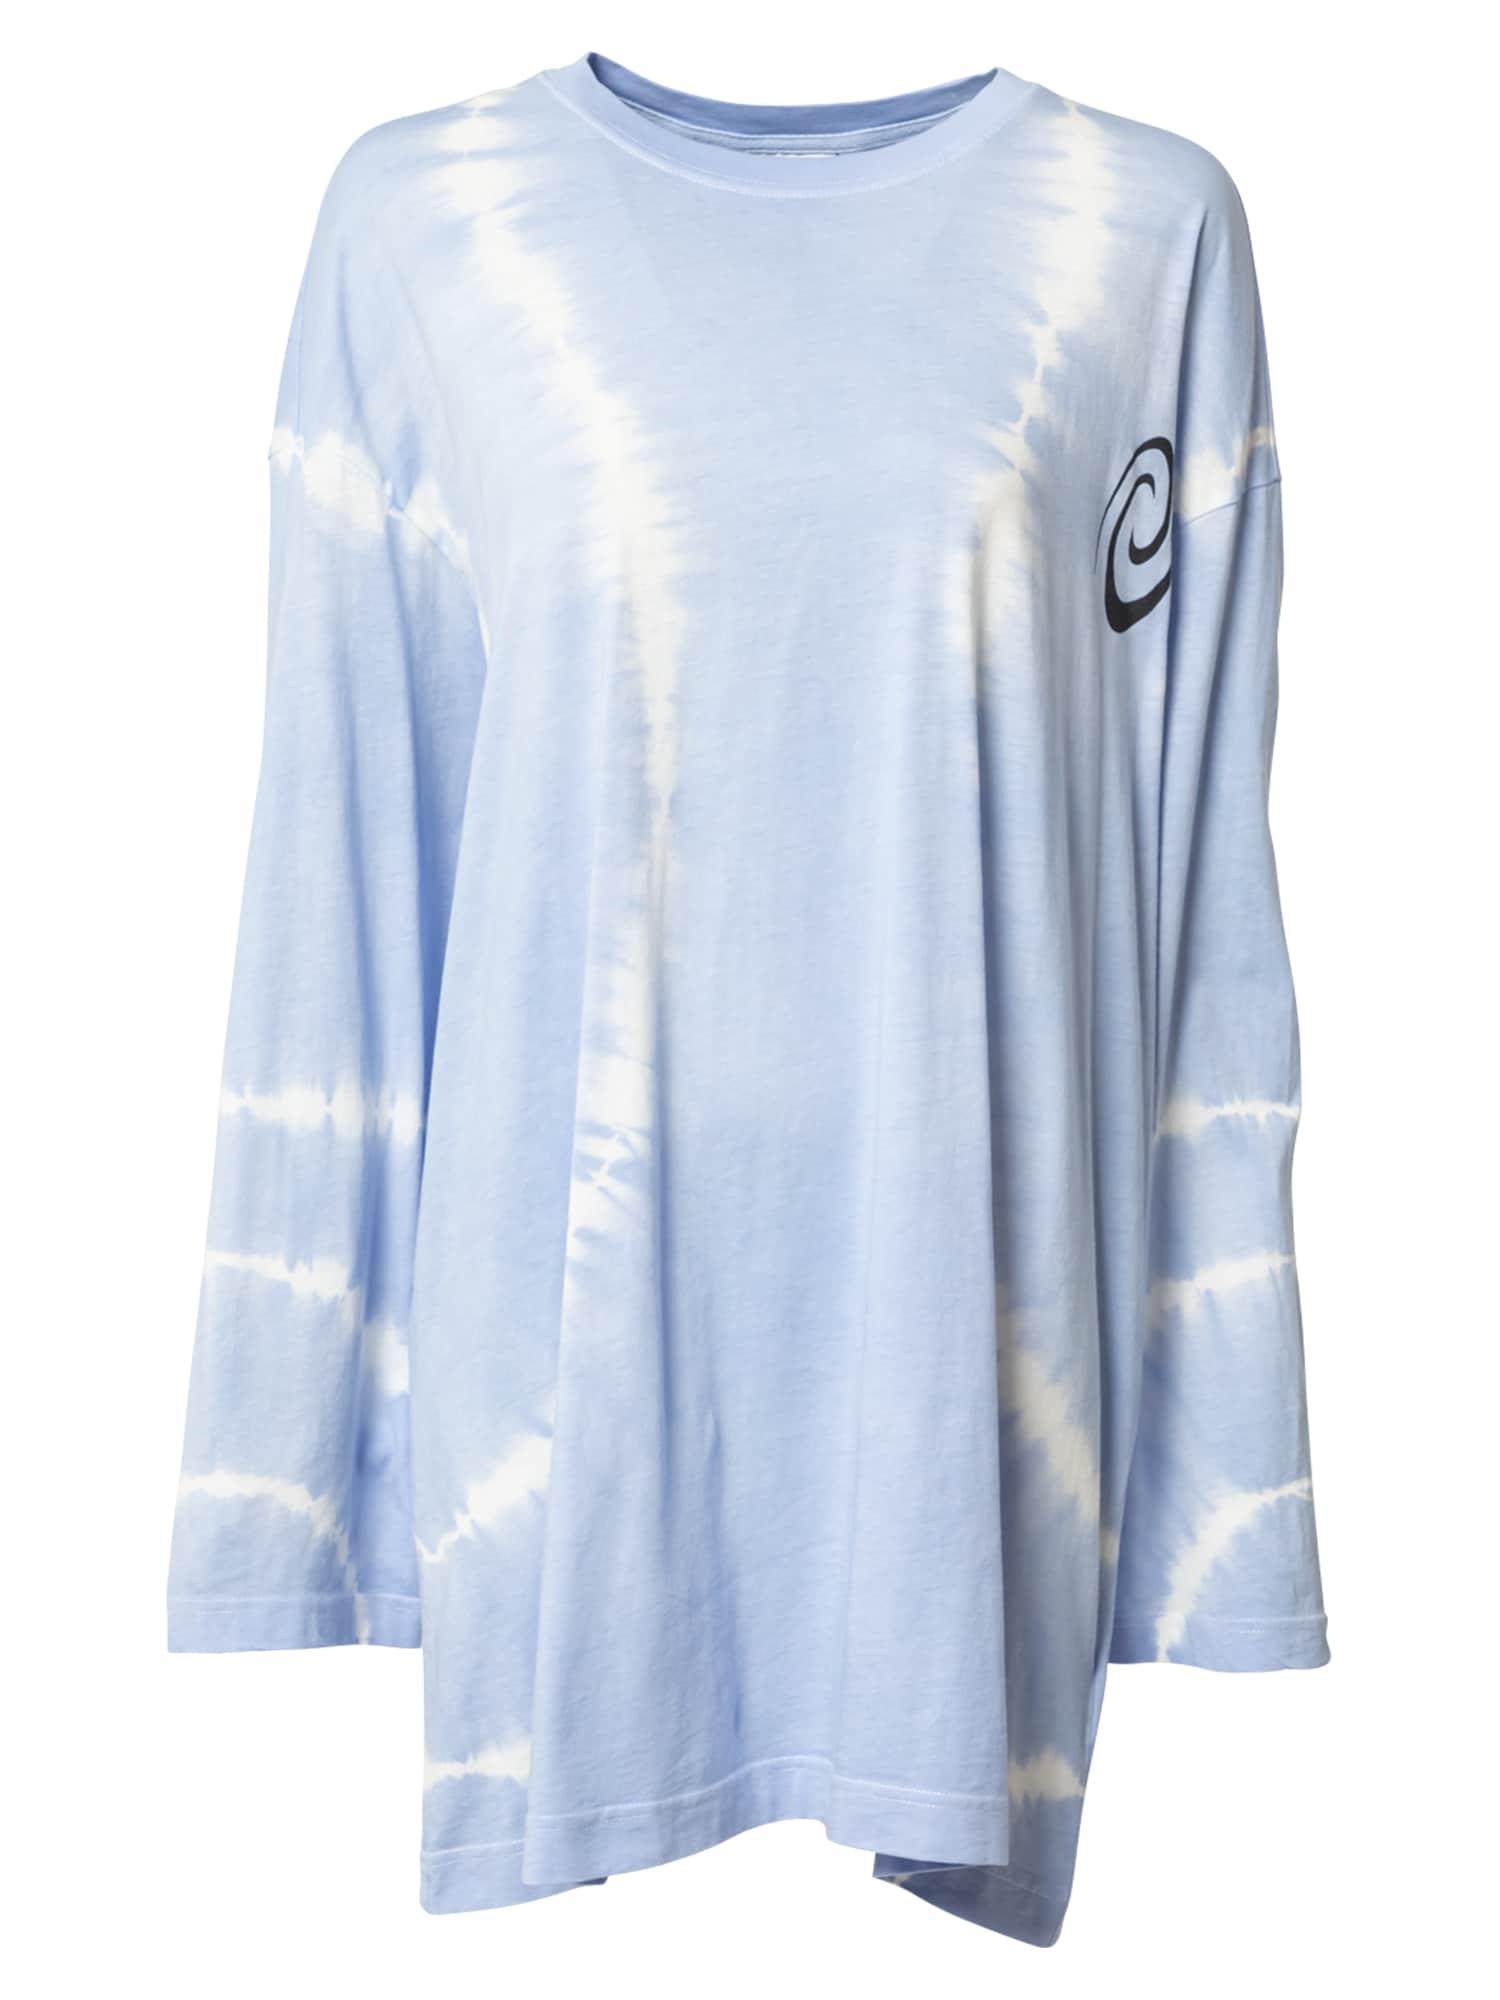 WEEKDAY Tričko 'Chrystanthe'  kouřově modrá / bílá / černá